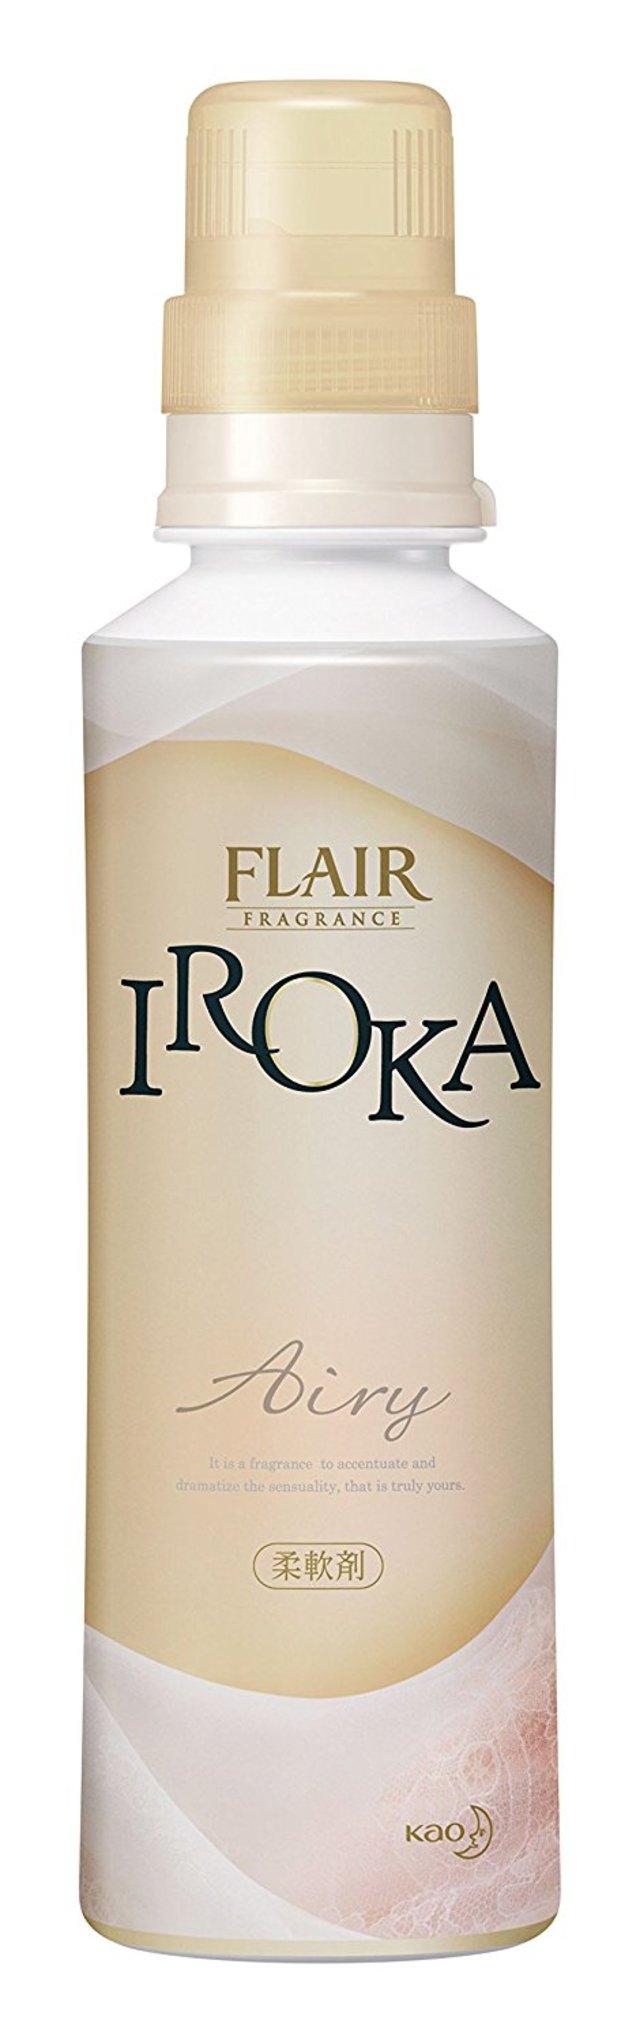 フレア フレグランス 柔軟剤 IROKA エアリー